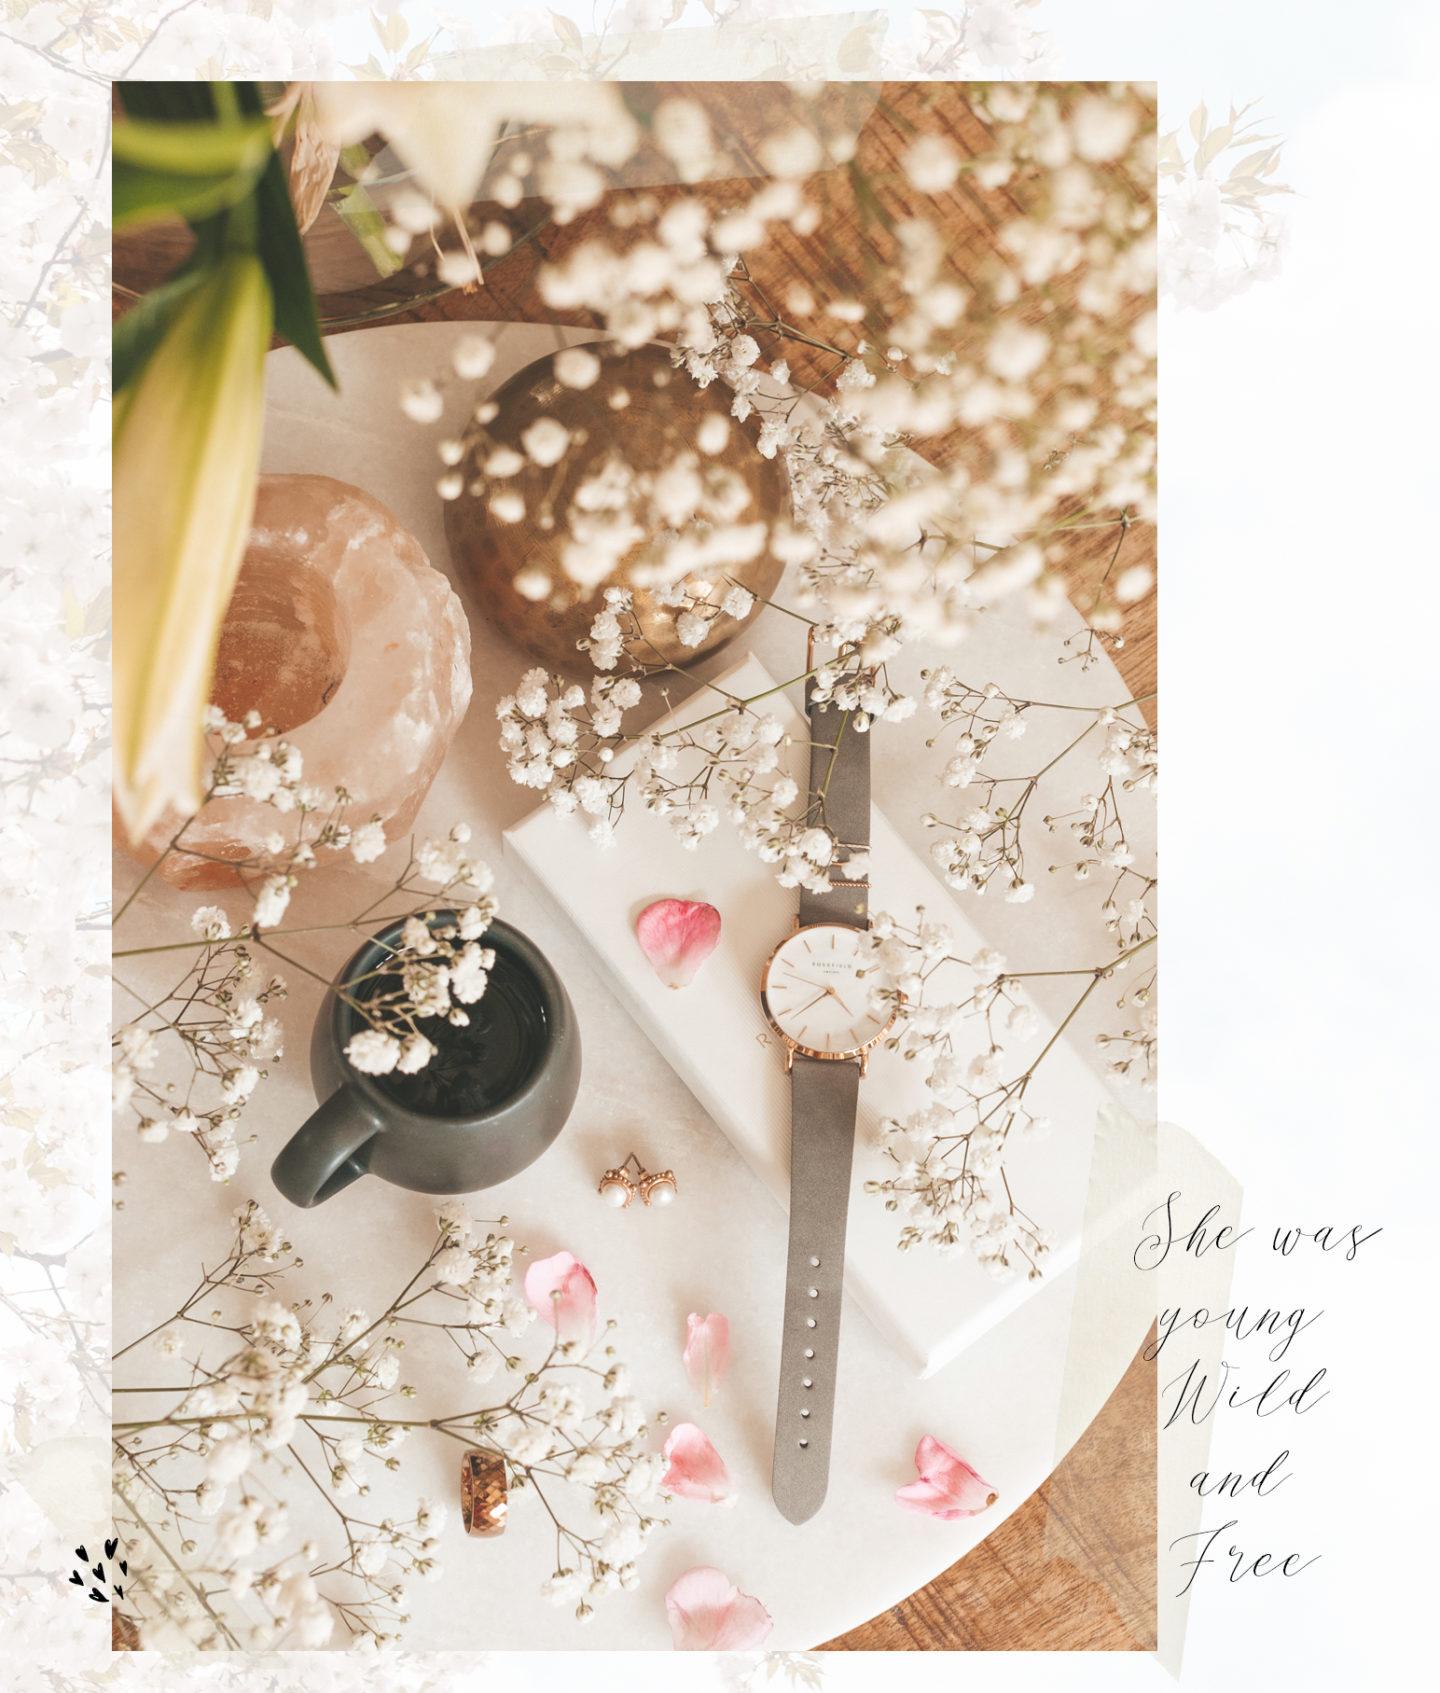 Rosefield horloge linda's wholesome life